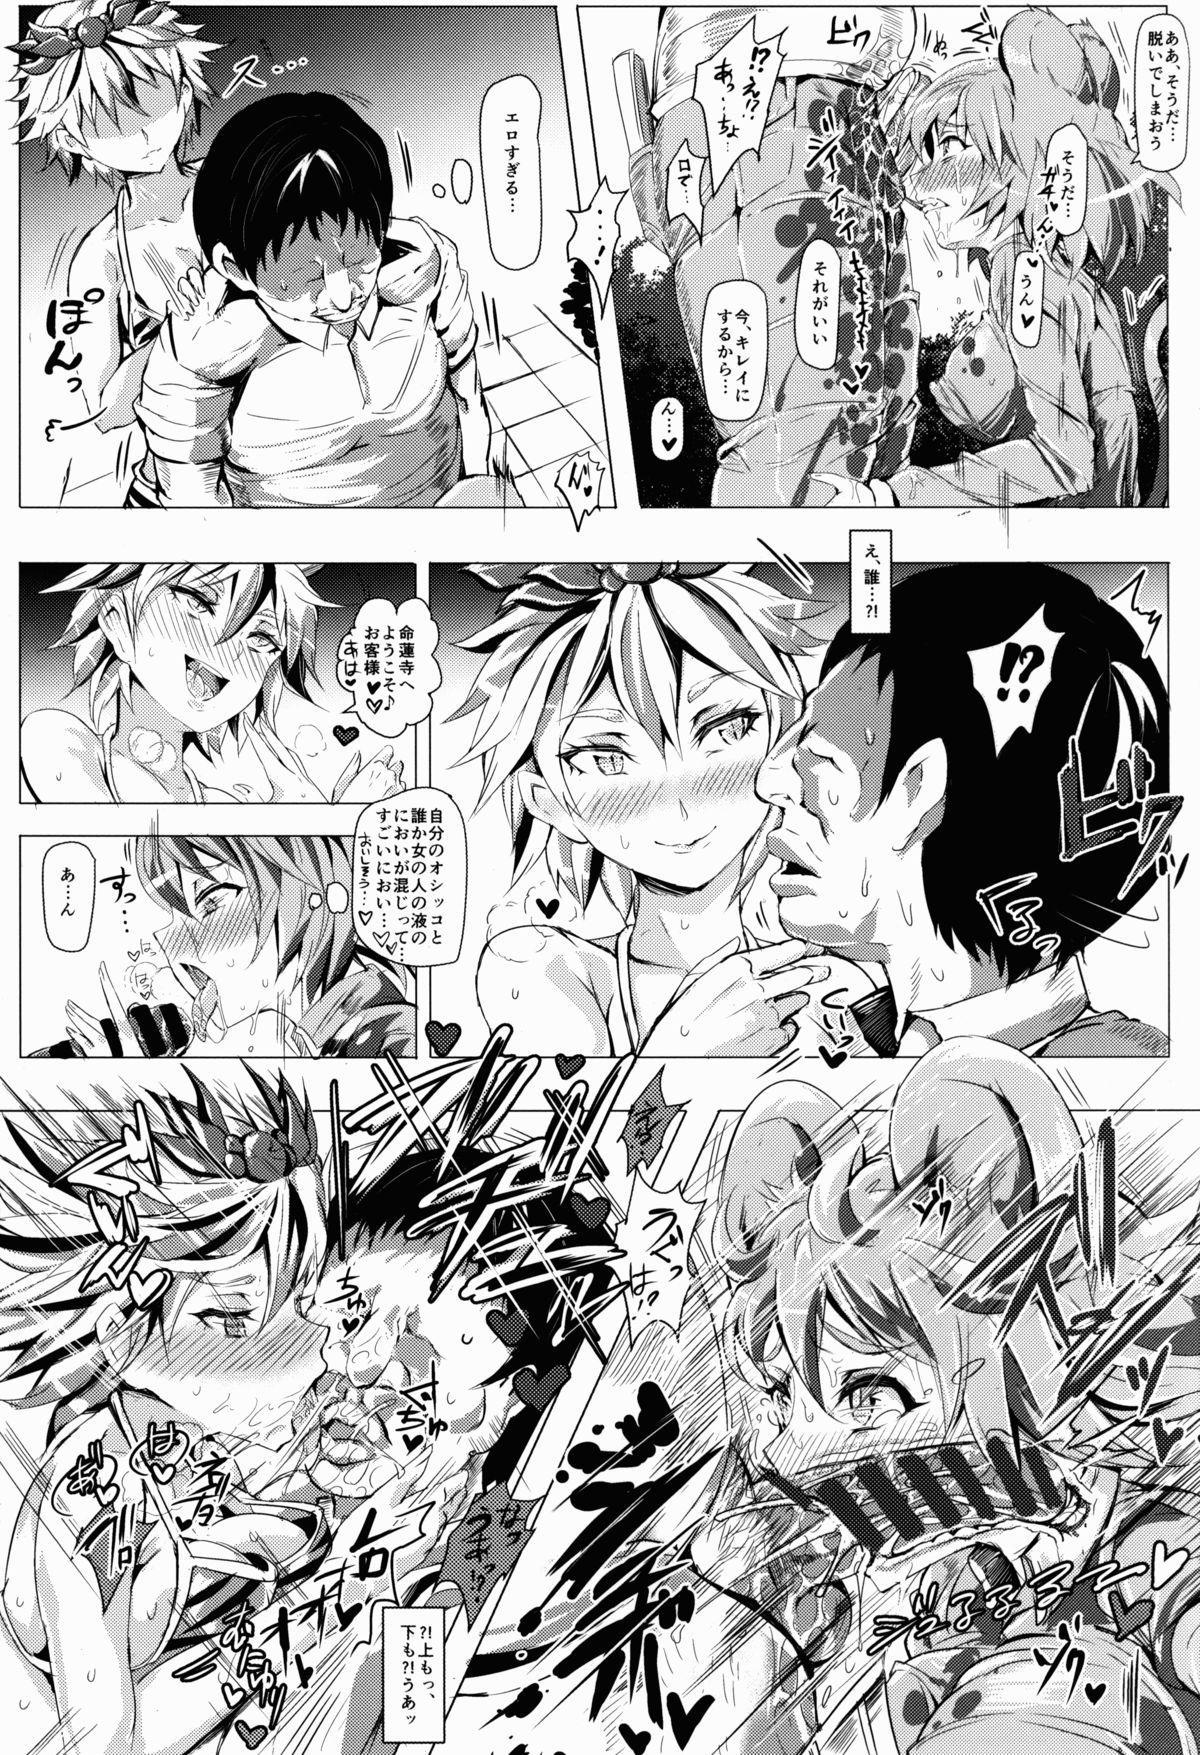 Oidemase!! Jiyuu Fuuzoku Gensoukyou Nihaku Mikka no Tabi - Kisaragi 14